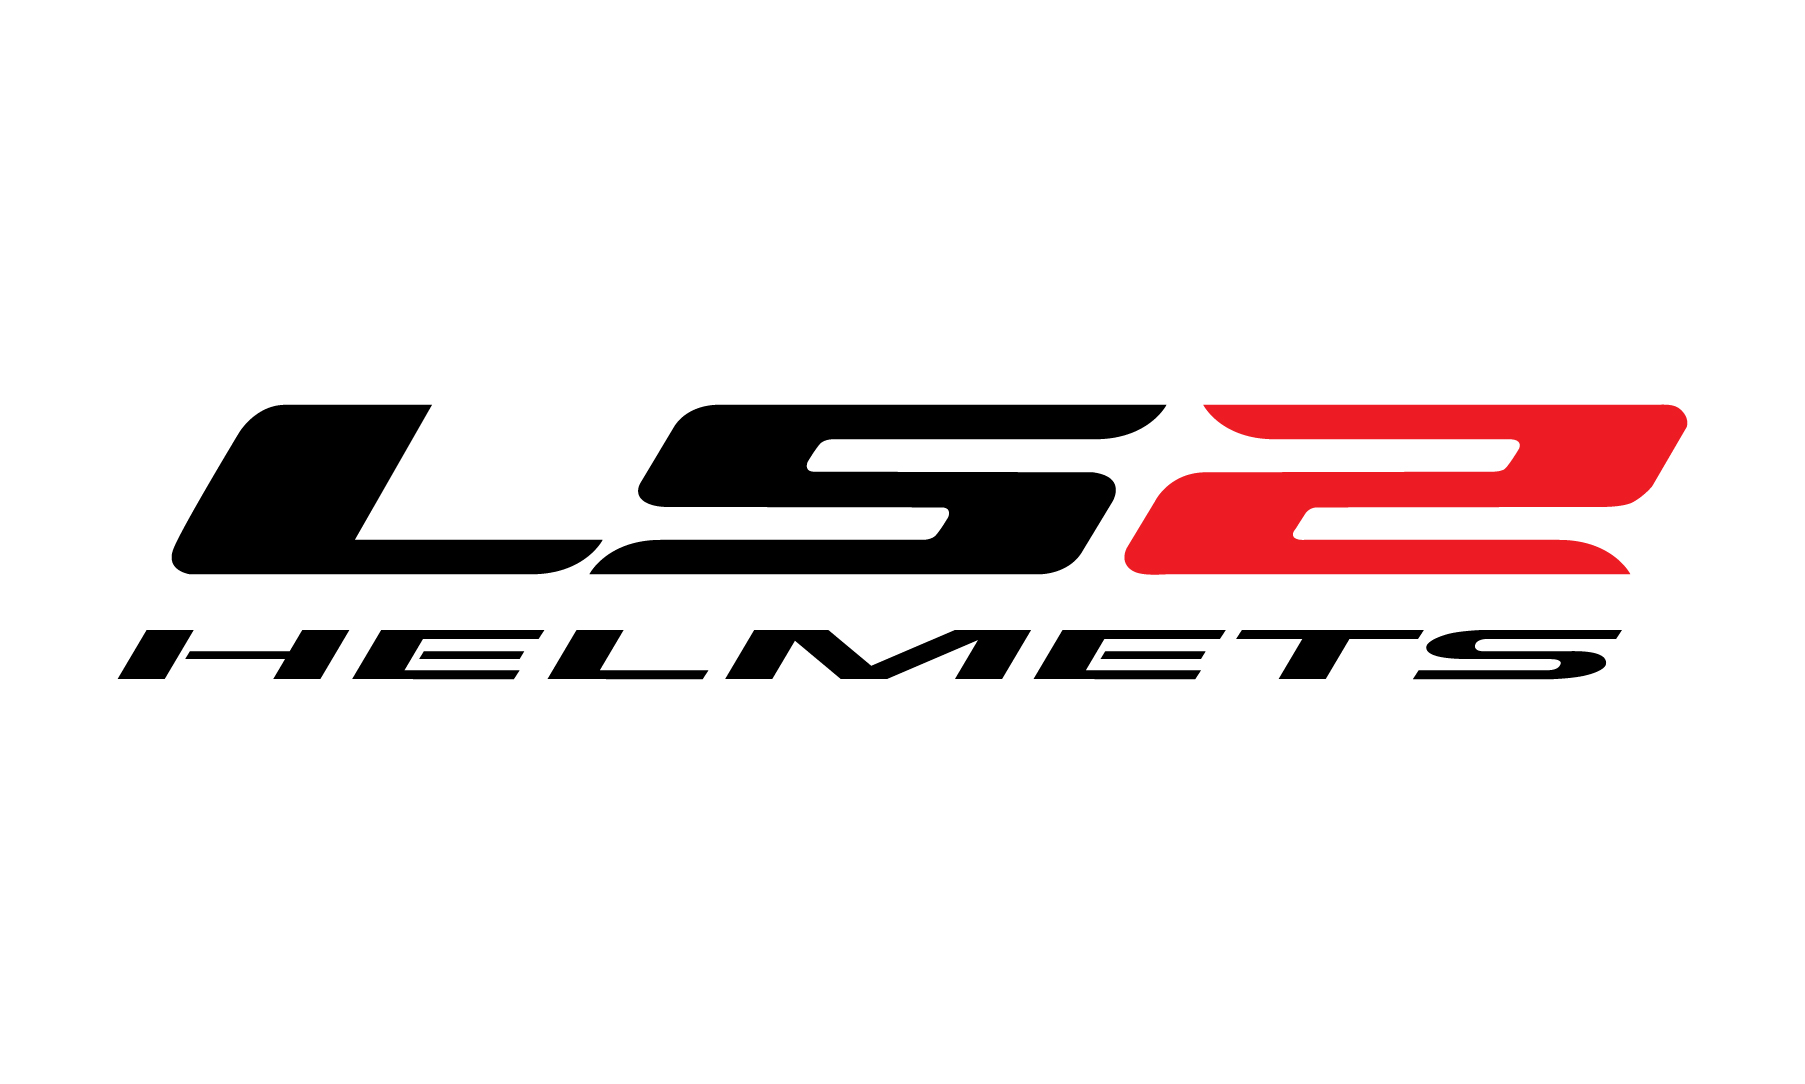 Bildergebnis für ls2 logo